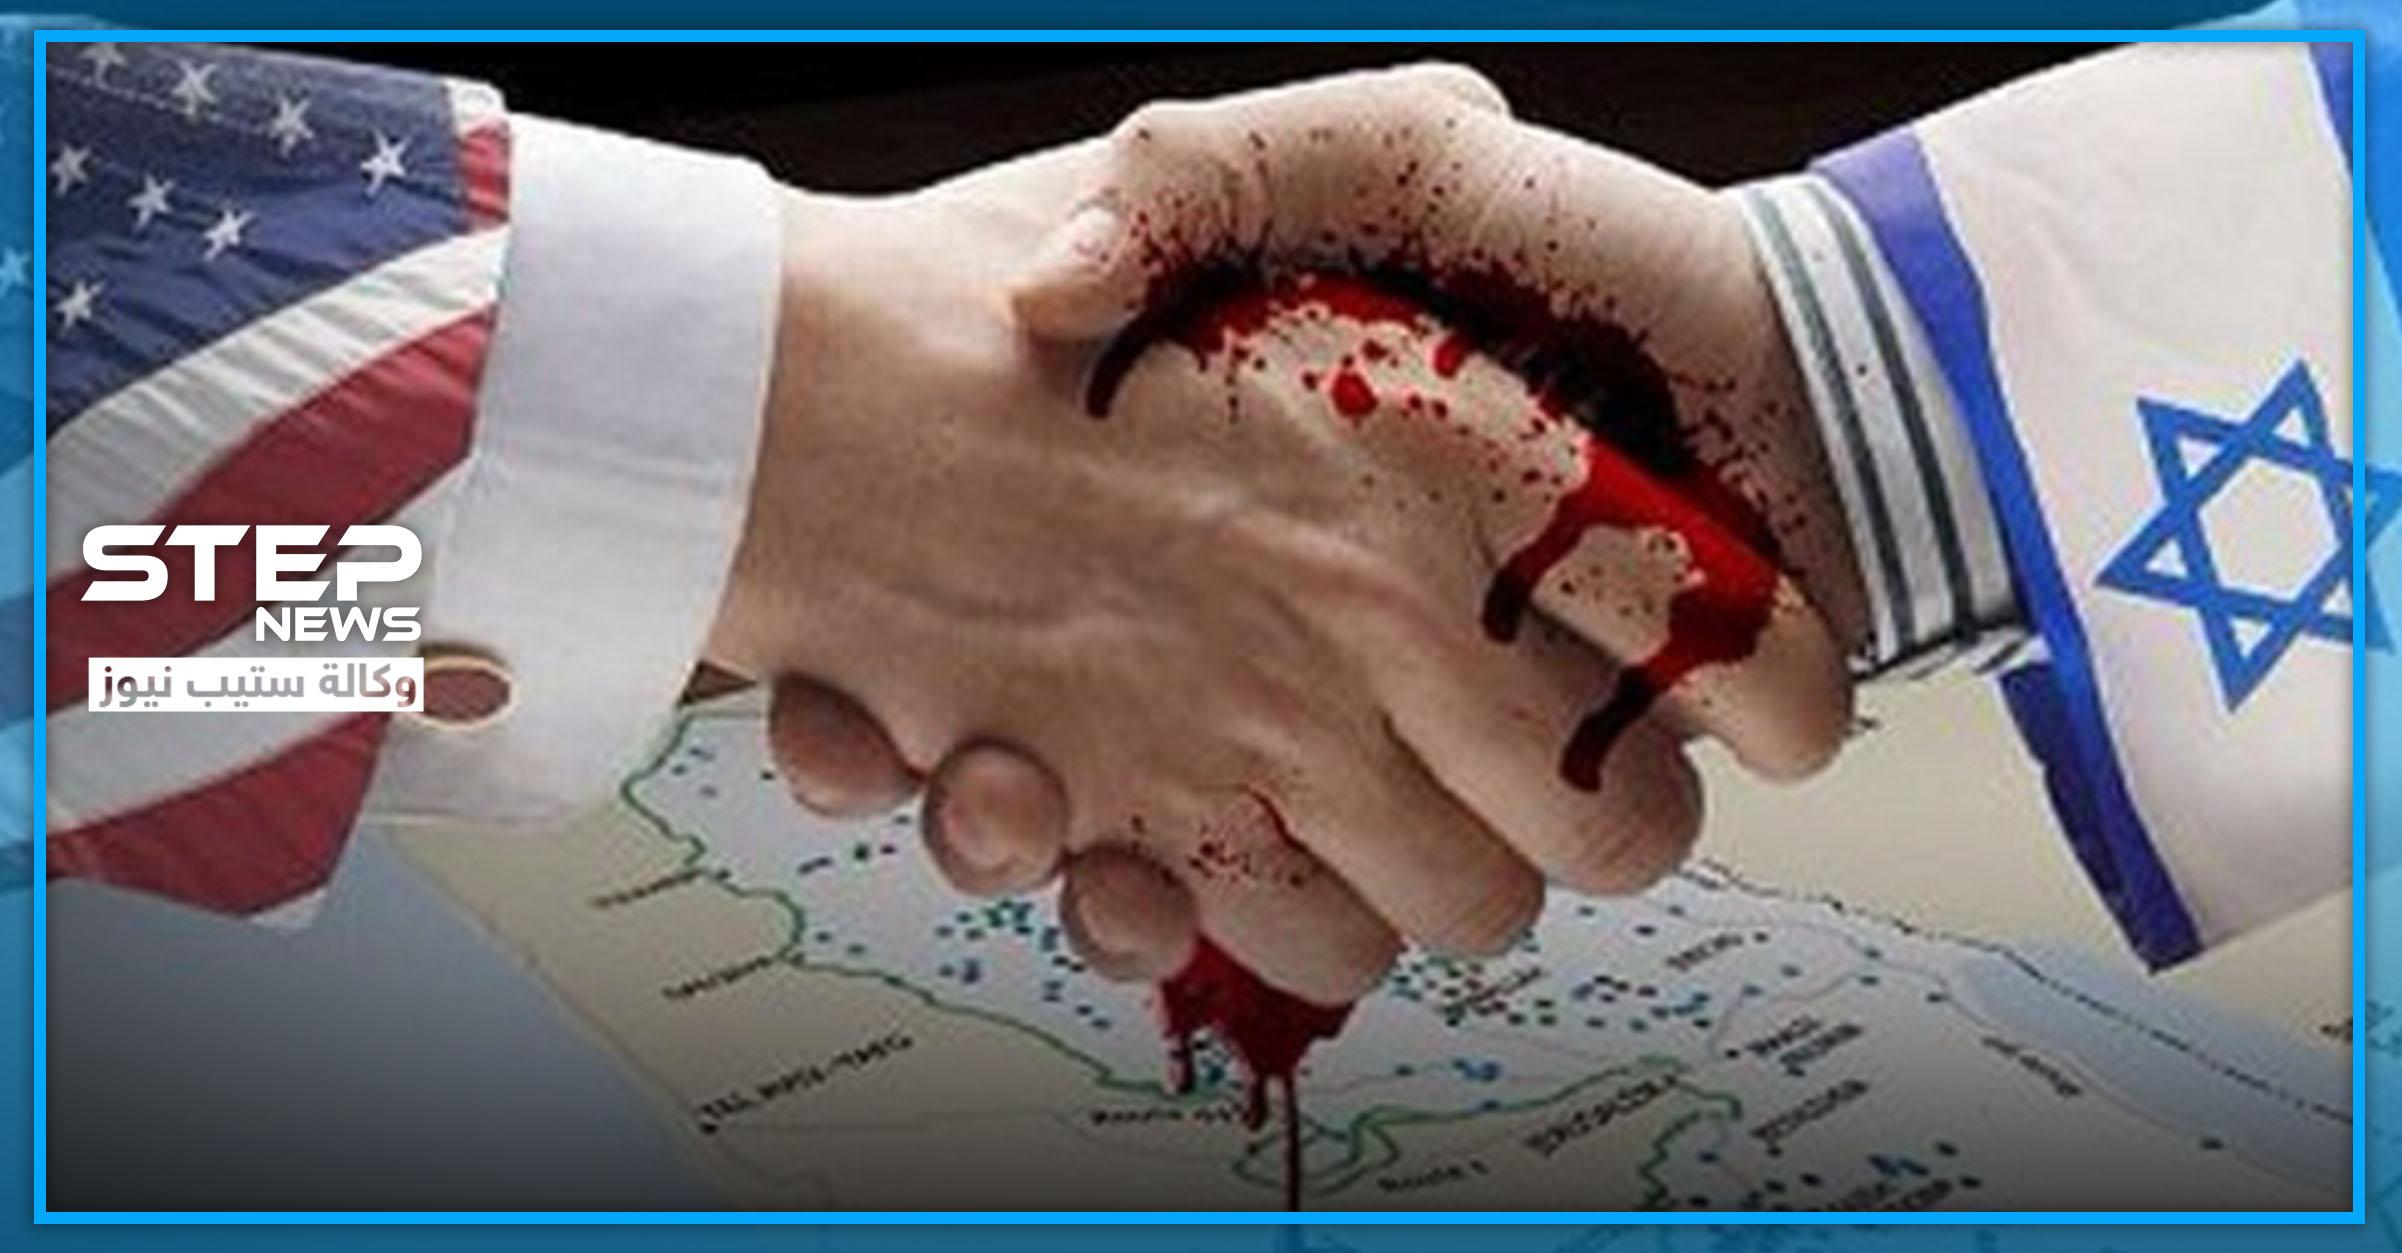 صحيفة إسرائيلية تحذر من تغييرات النظام العالمي